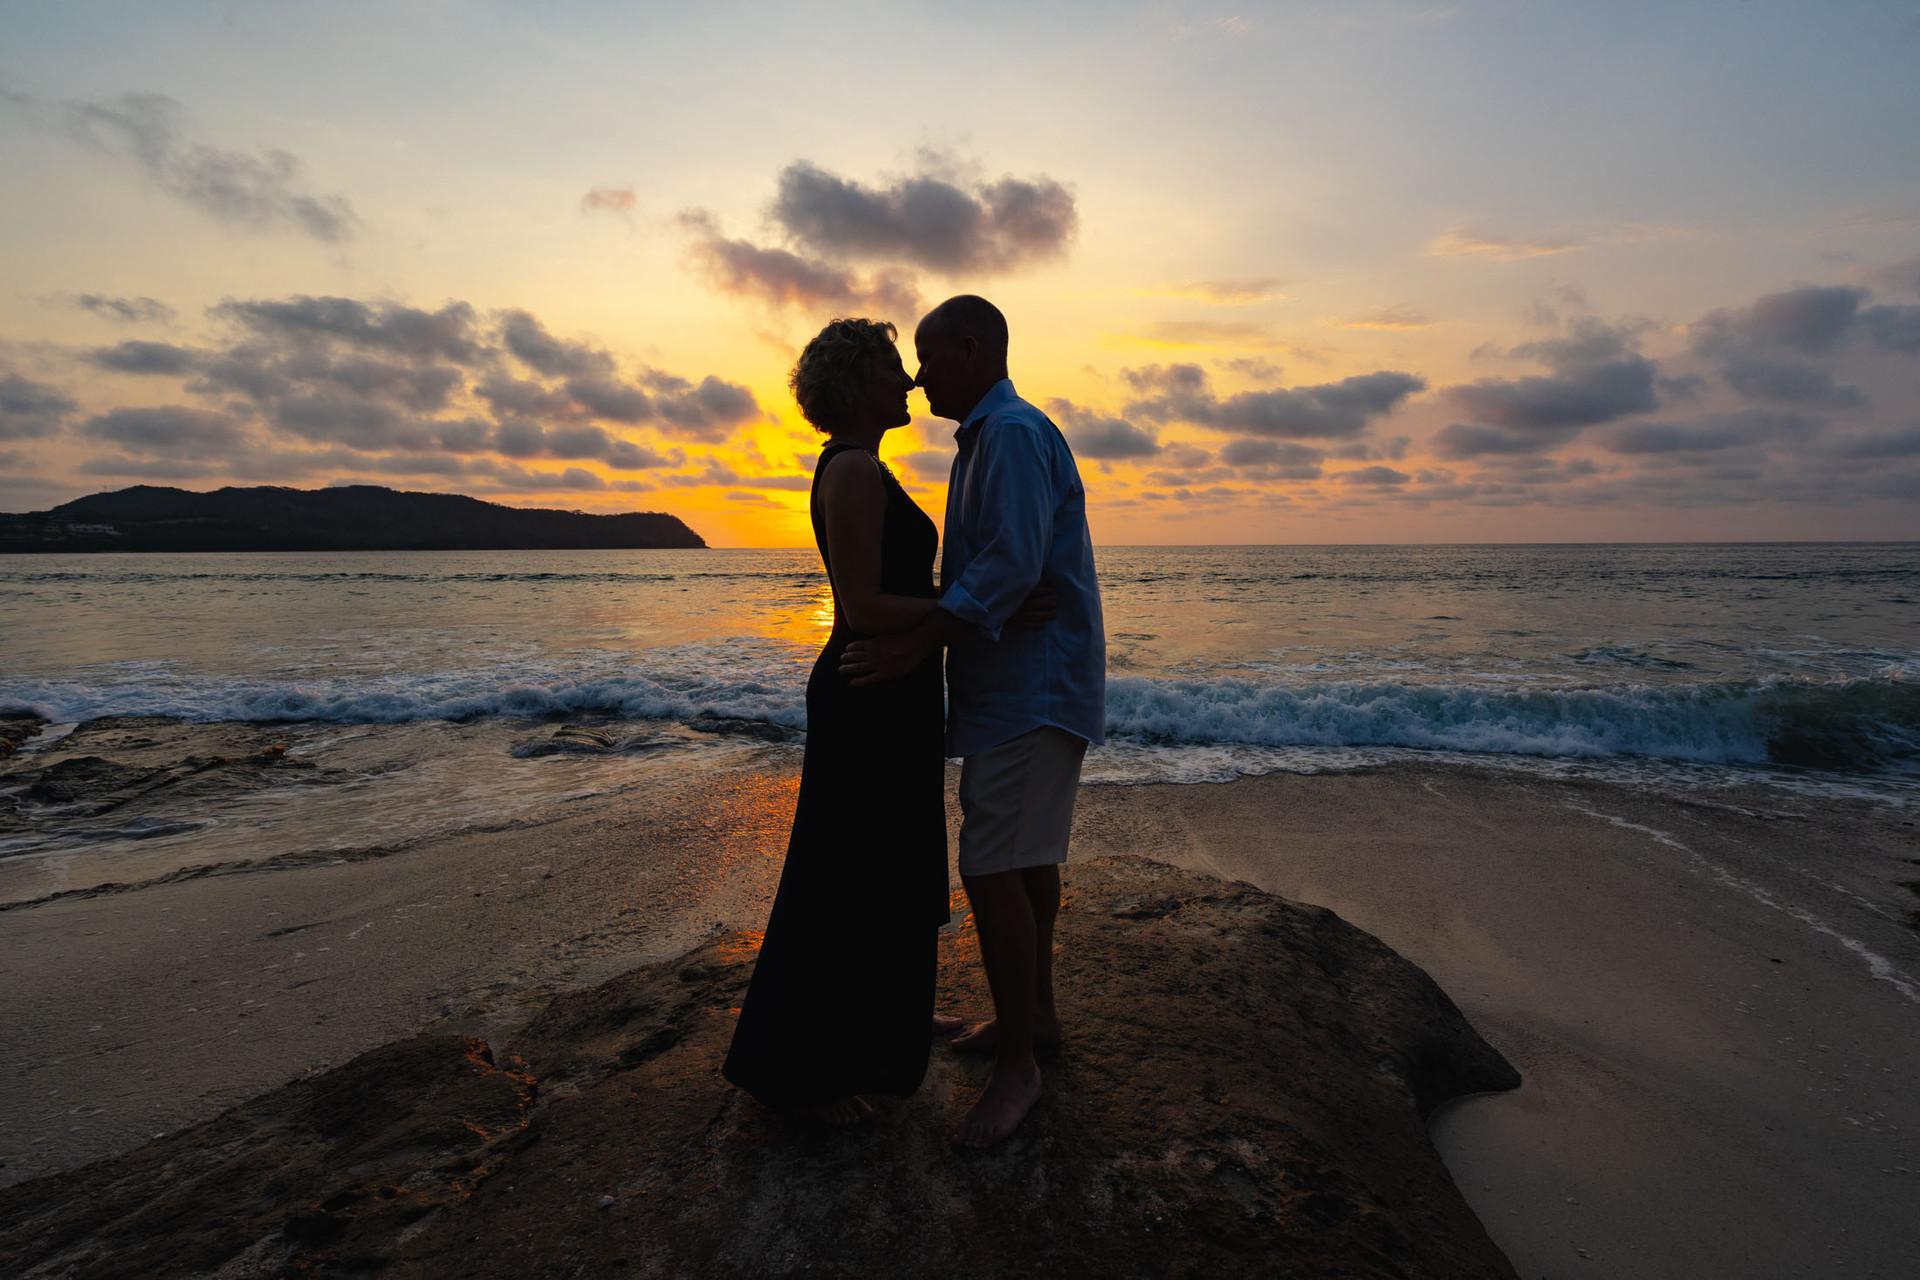 punta-mita-couple-photoshoot-sunset.jpg